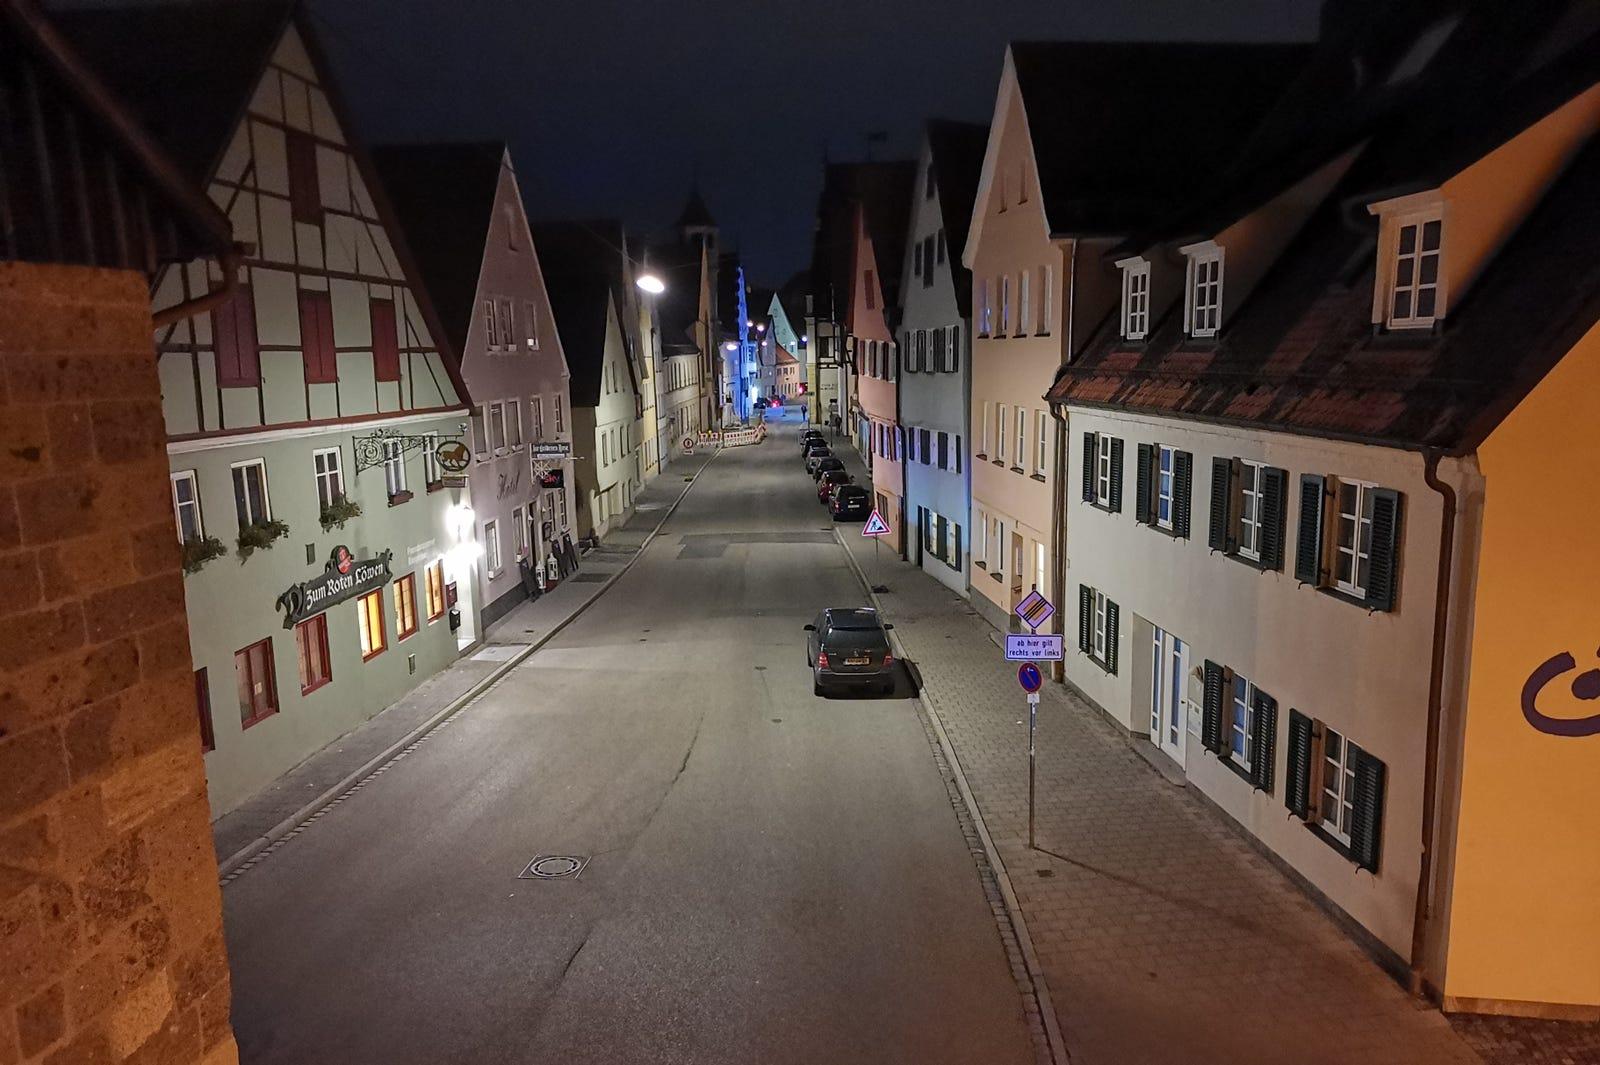 Ejemplo de foto nocturna en modo panorámico.